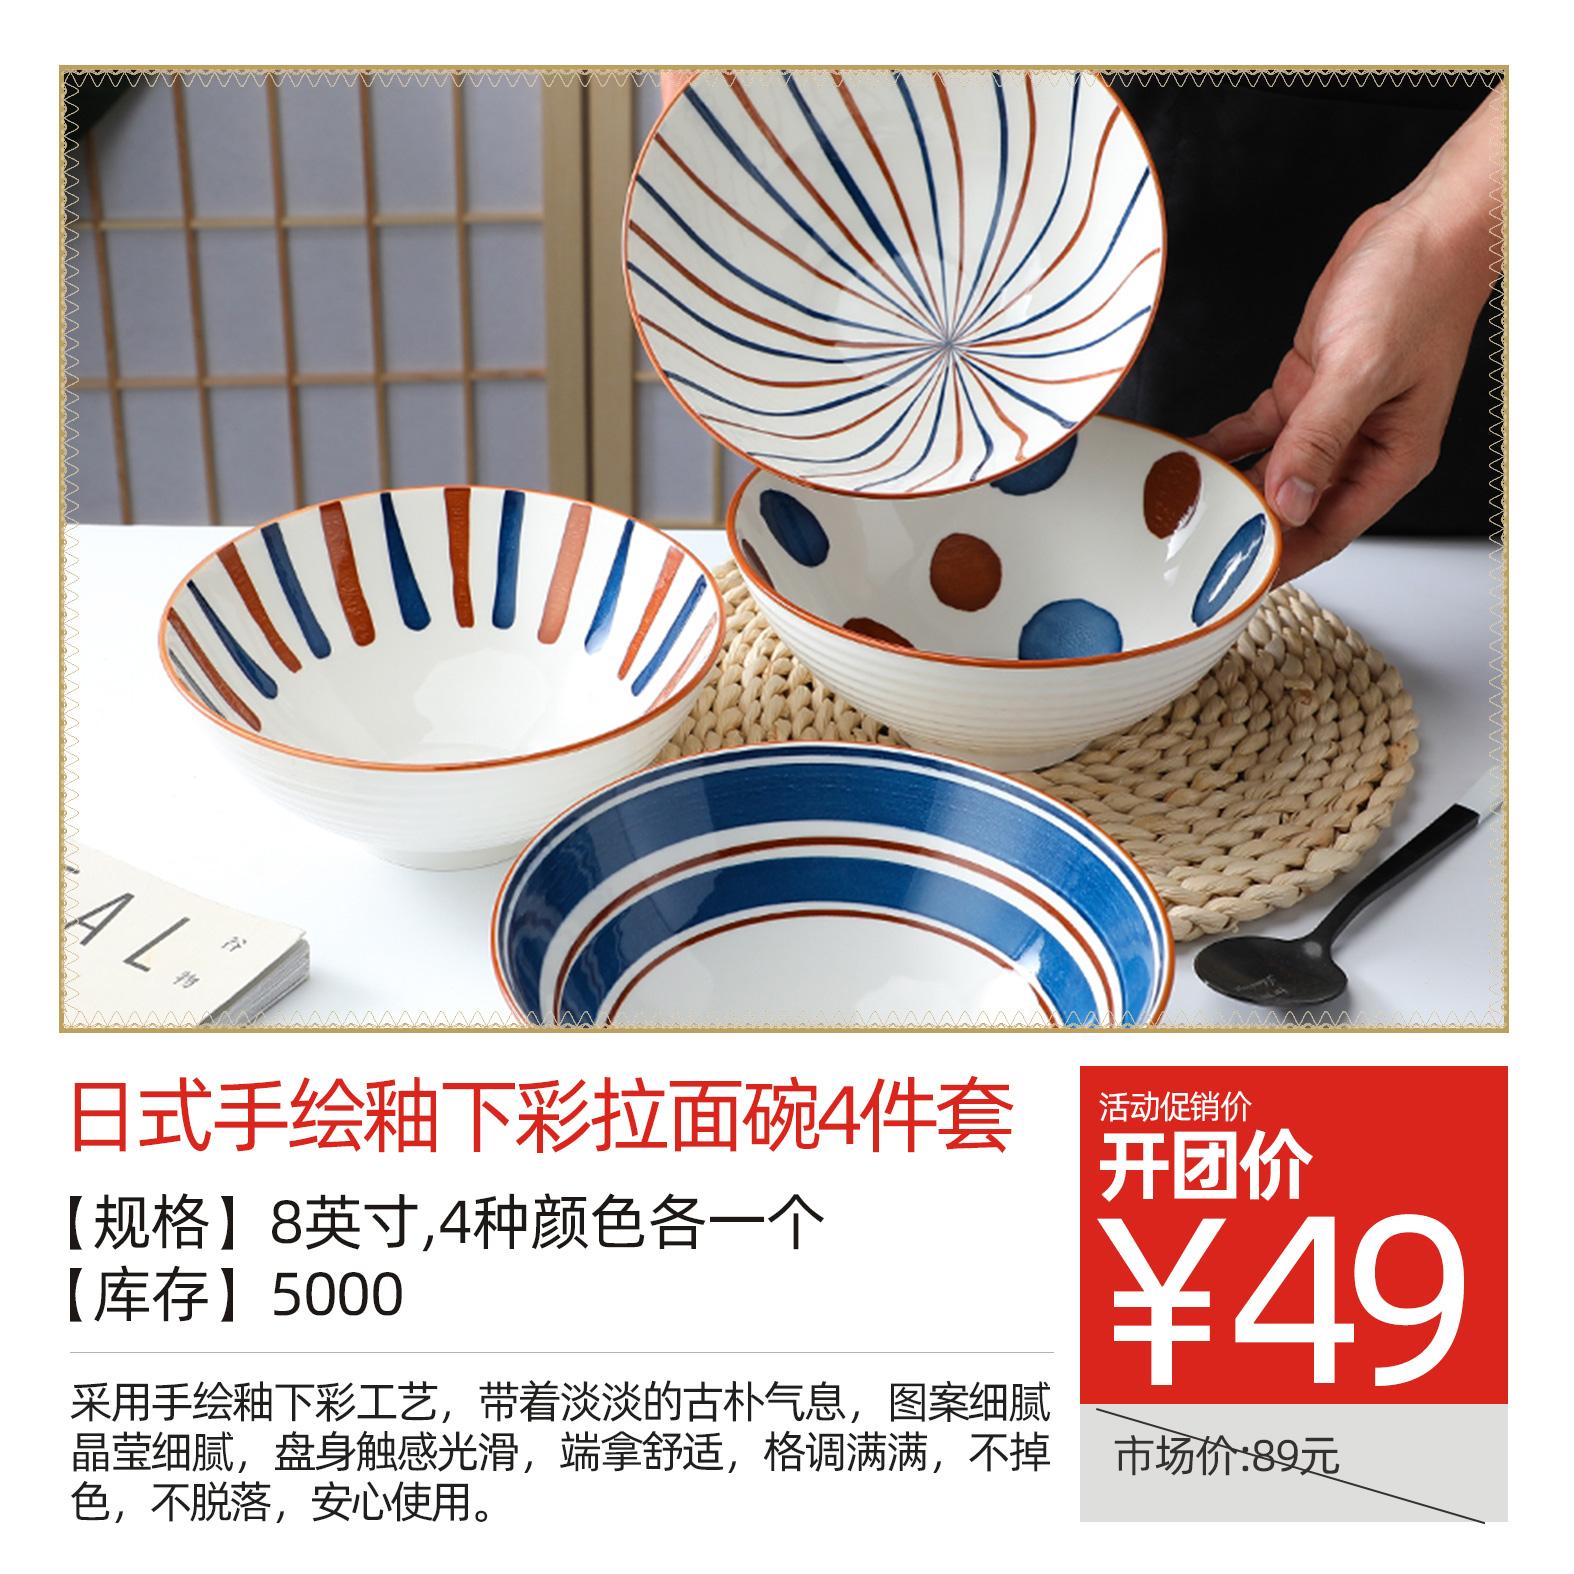 日式手绘釉下彩拉面碗4件套套装 8英寸